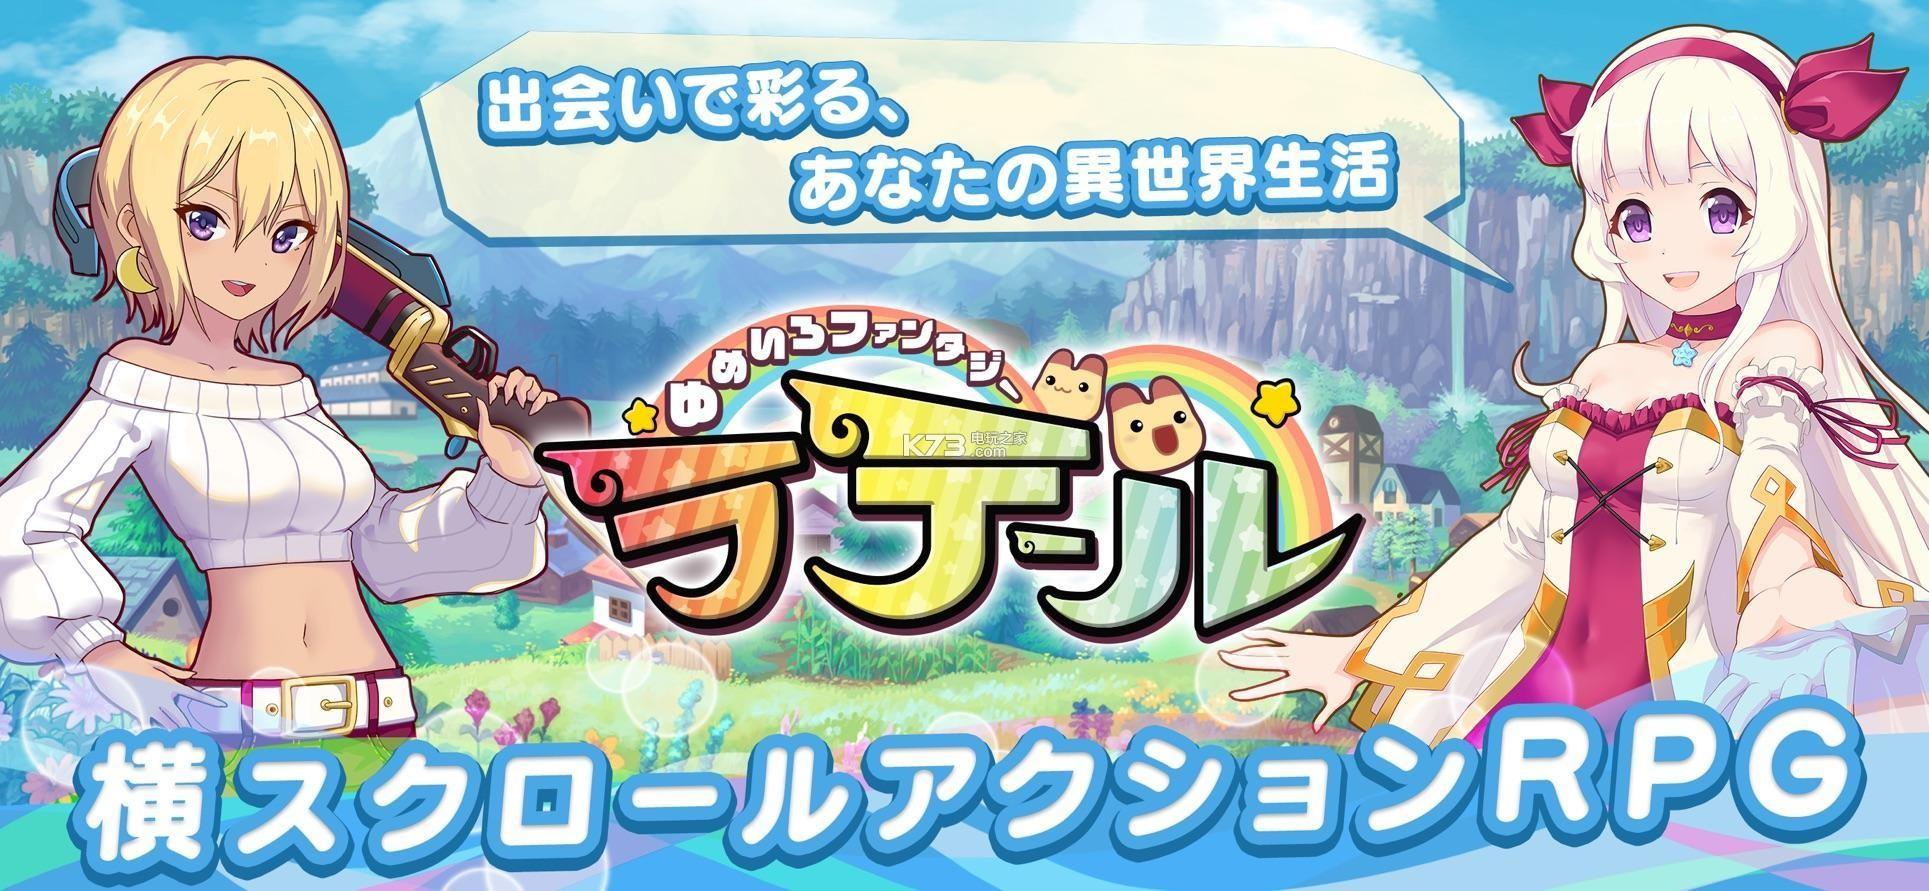 彩虹岛梦色幻想 v1.17.20.47368 游戏下载 截图